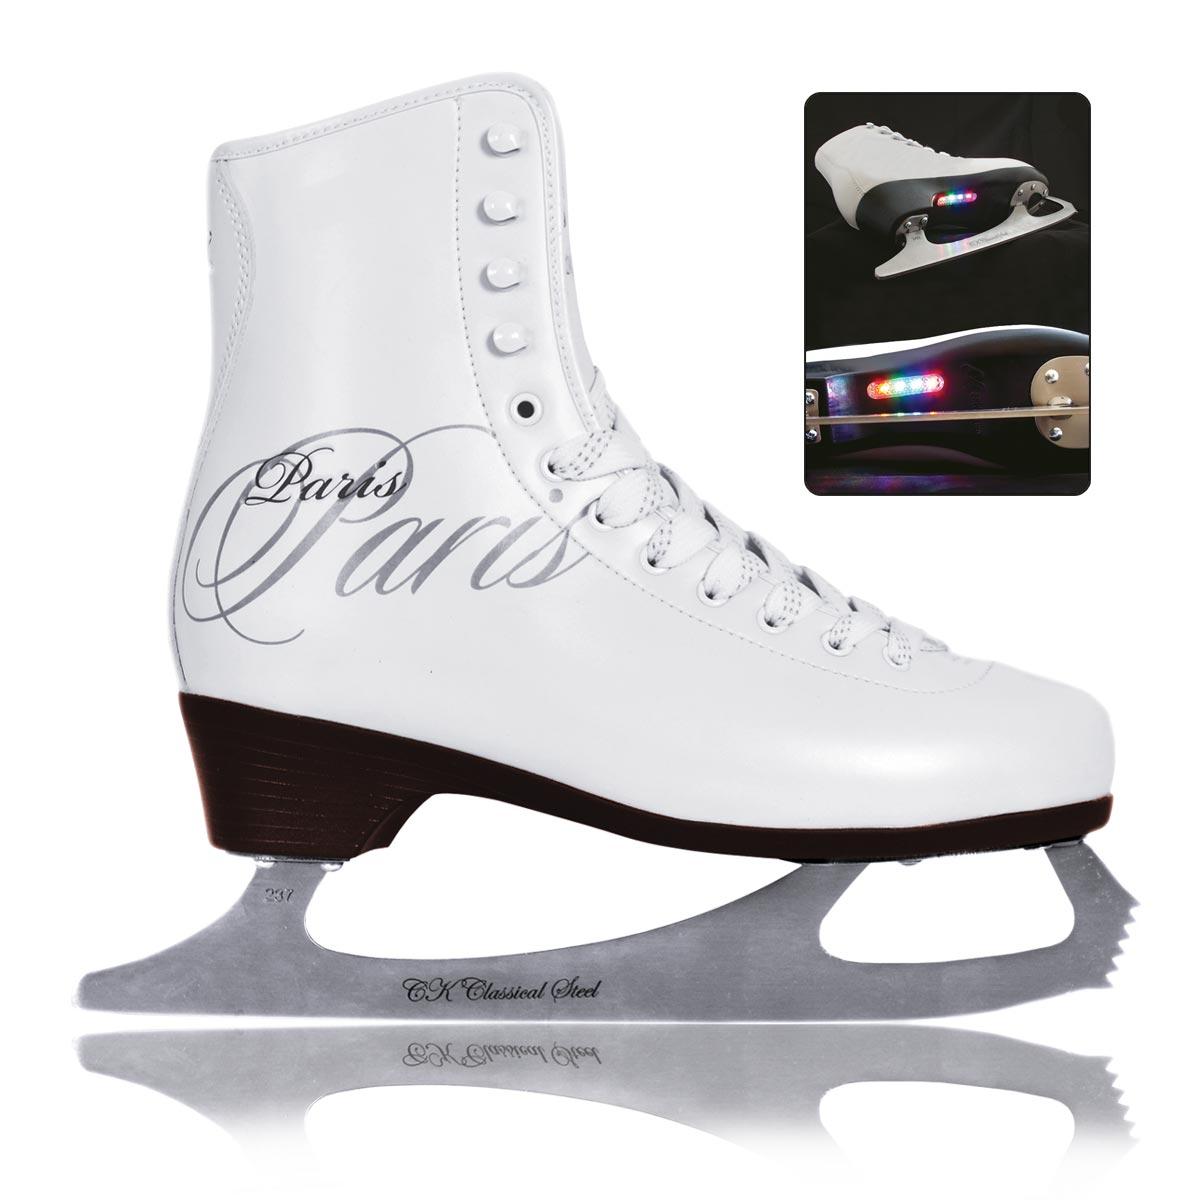 СК Коньки фигурные для девочки CK Paris Lux Tricot, цвет: белый. Размер 32 PARIS LUX tricot_белый_32